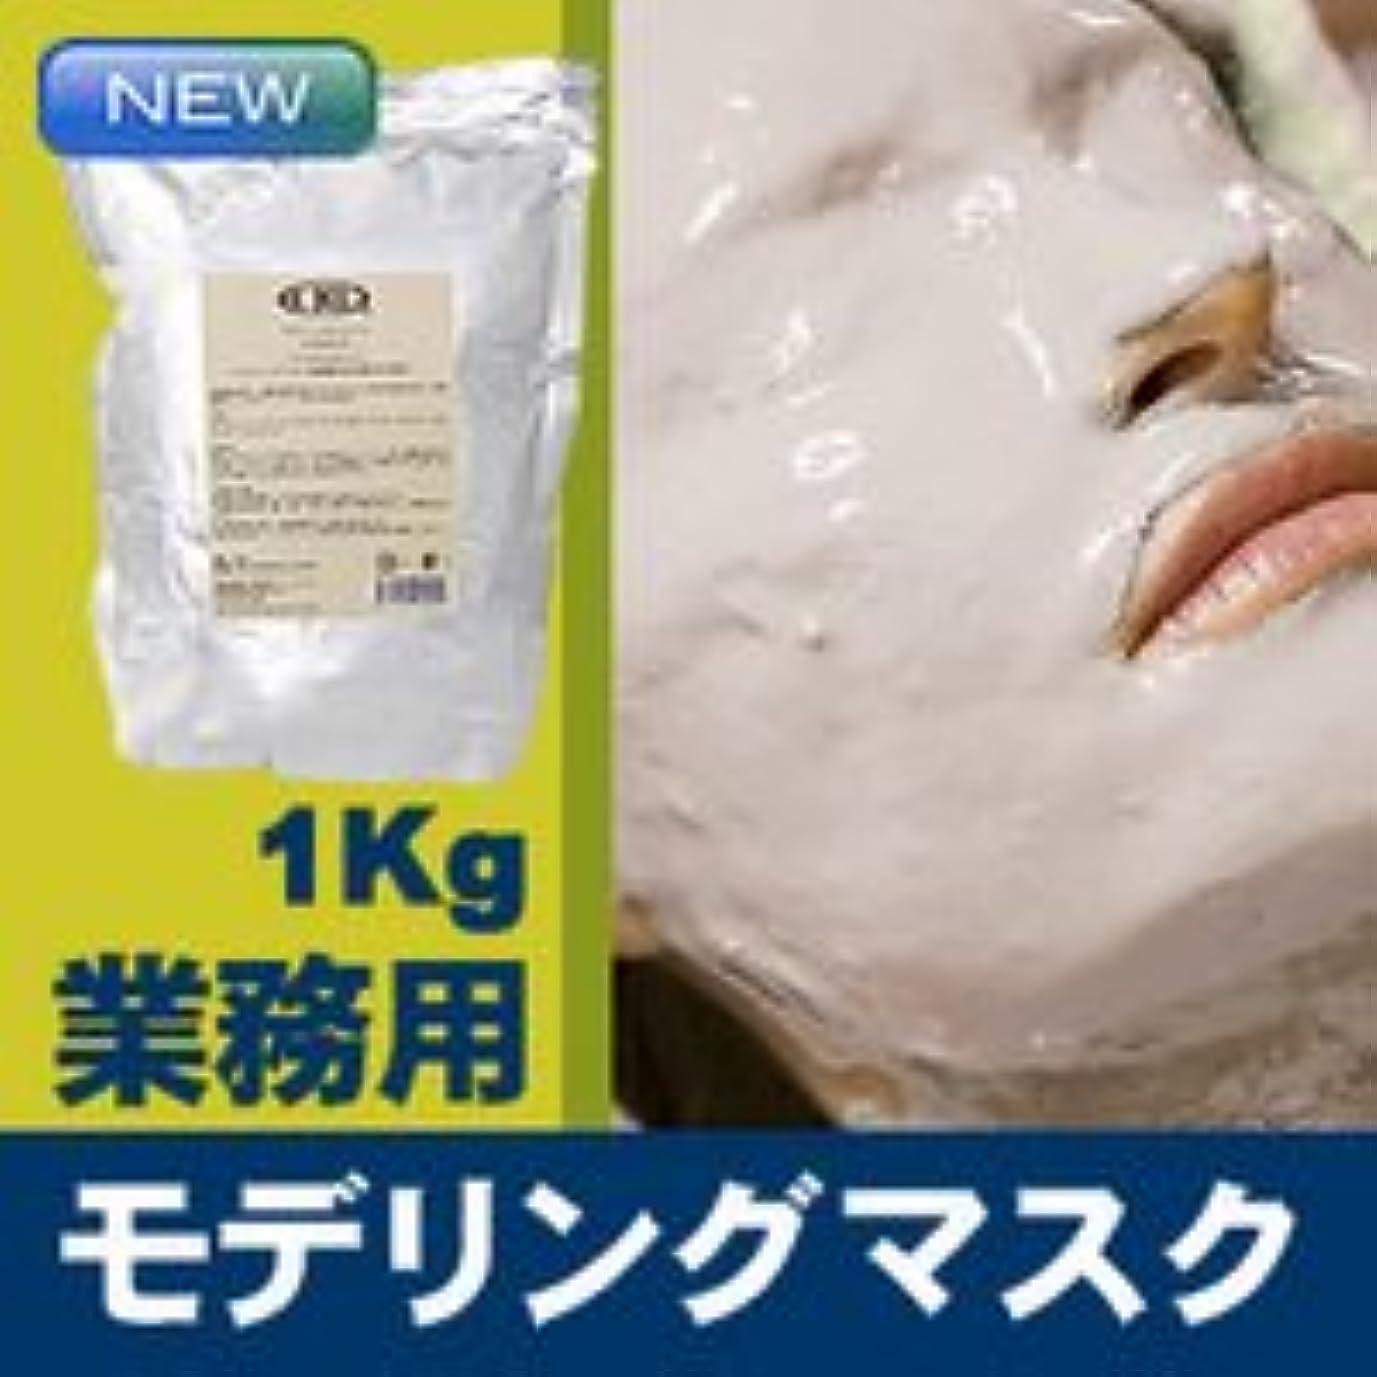 侵略次へスプリットモデリングマスク 1Kg ビタミンC配合(ゴールデンオレンジ) / フェイスマスク?パック 【ピールオフマスク】